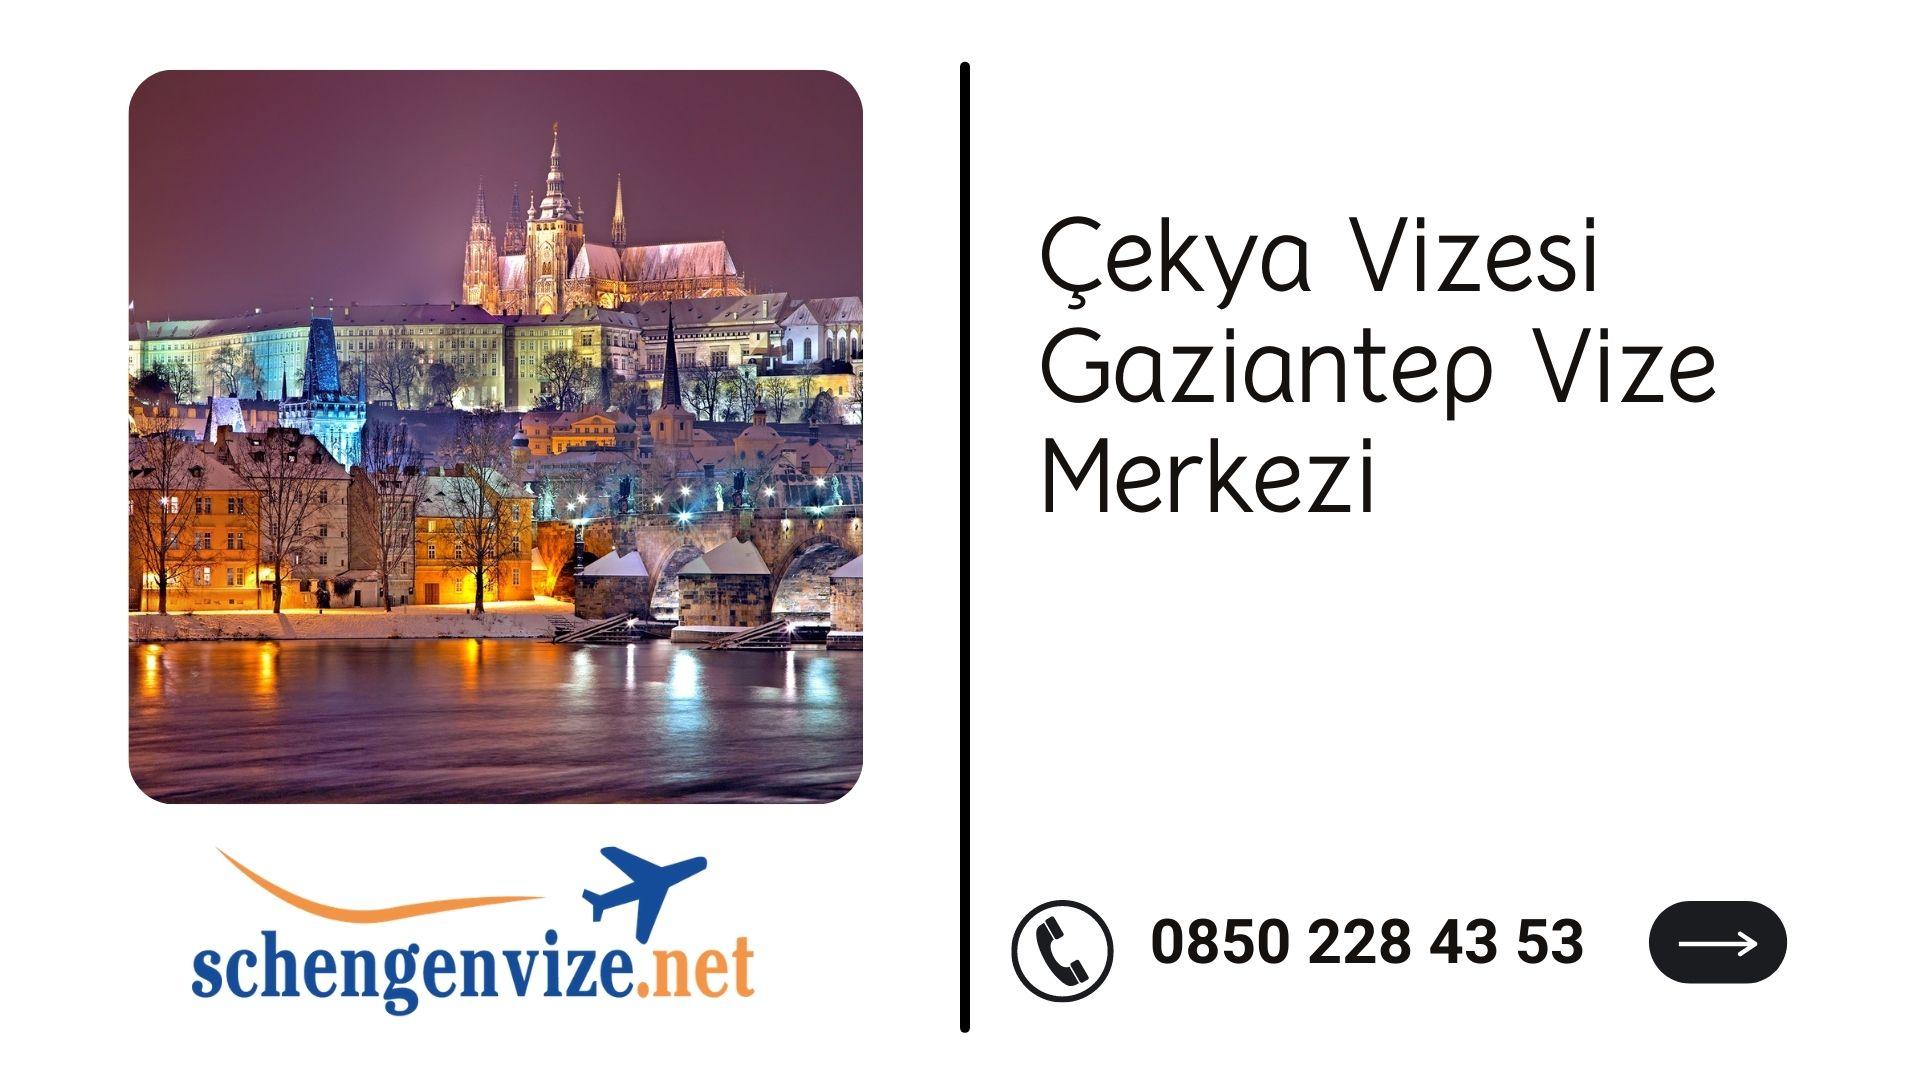 Çekya Vizesi Gaziantep Vize Merkezi